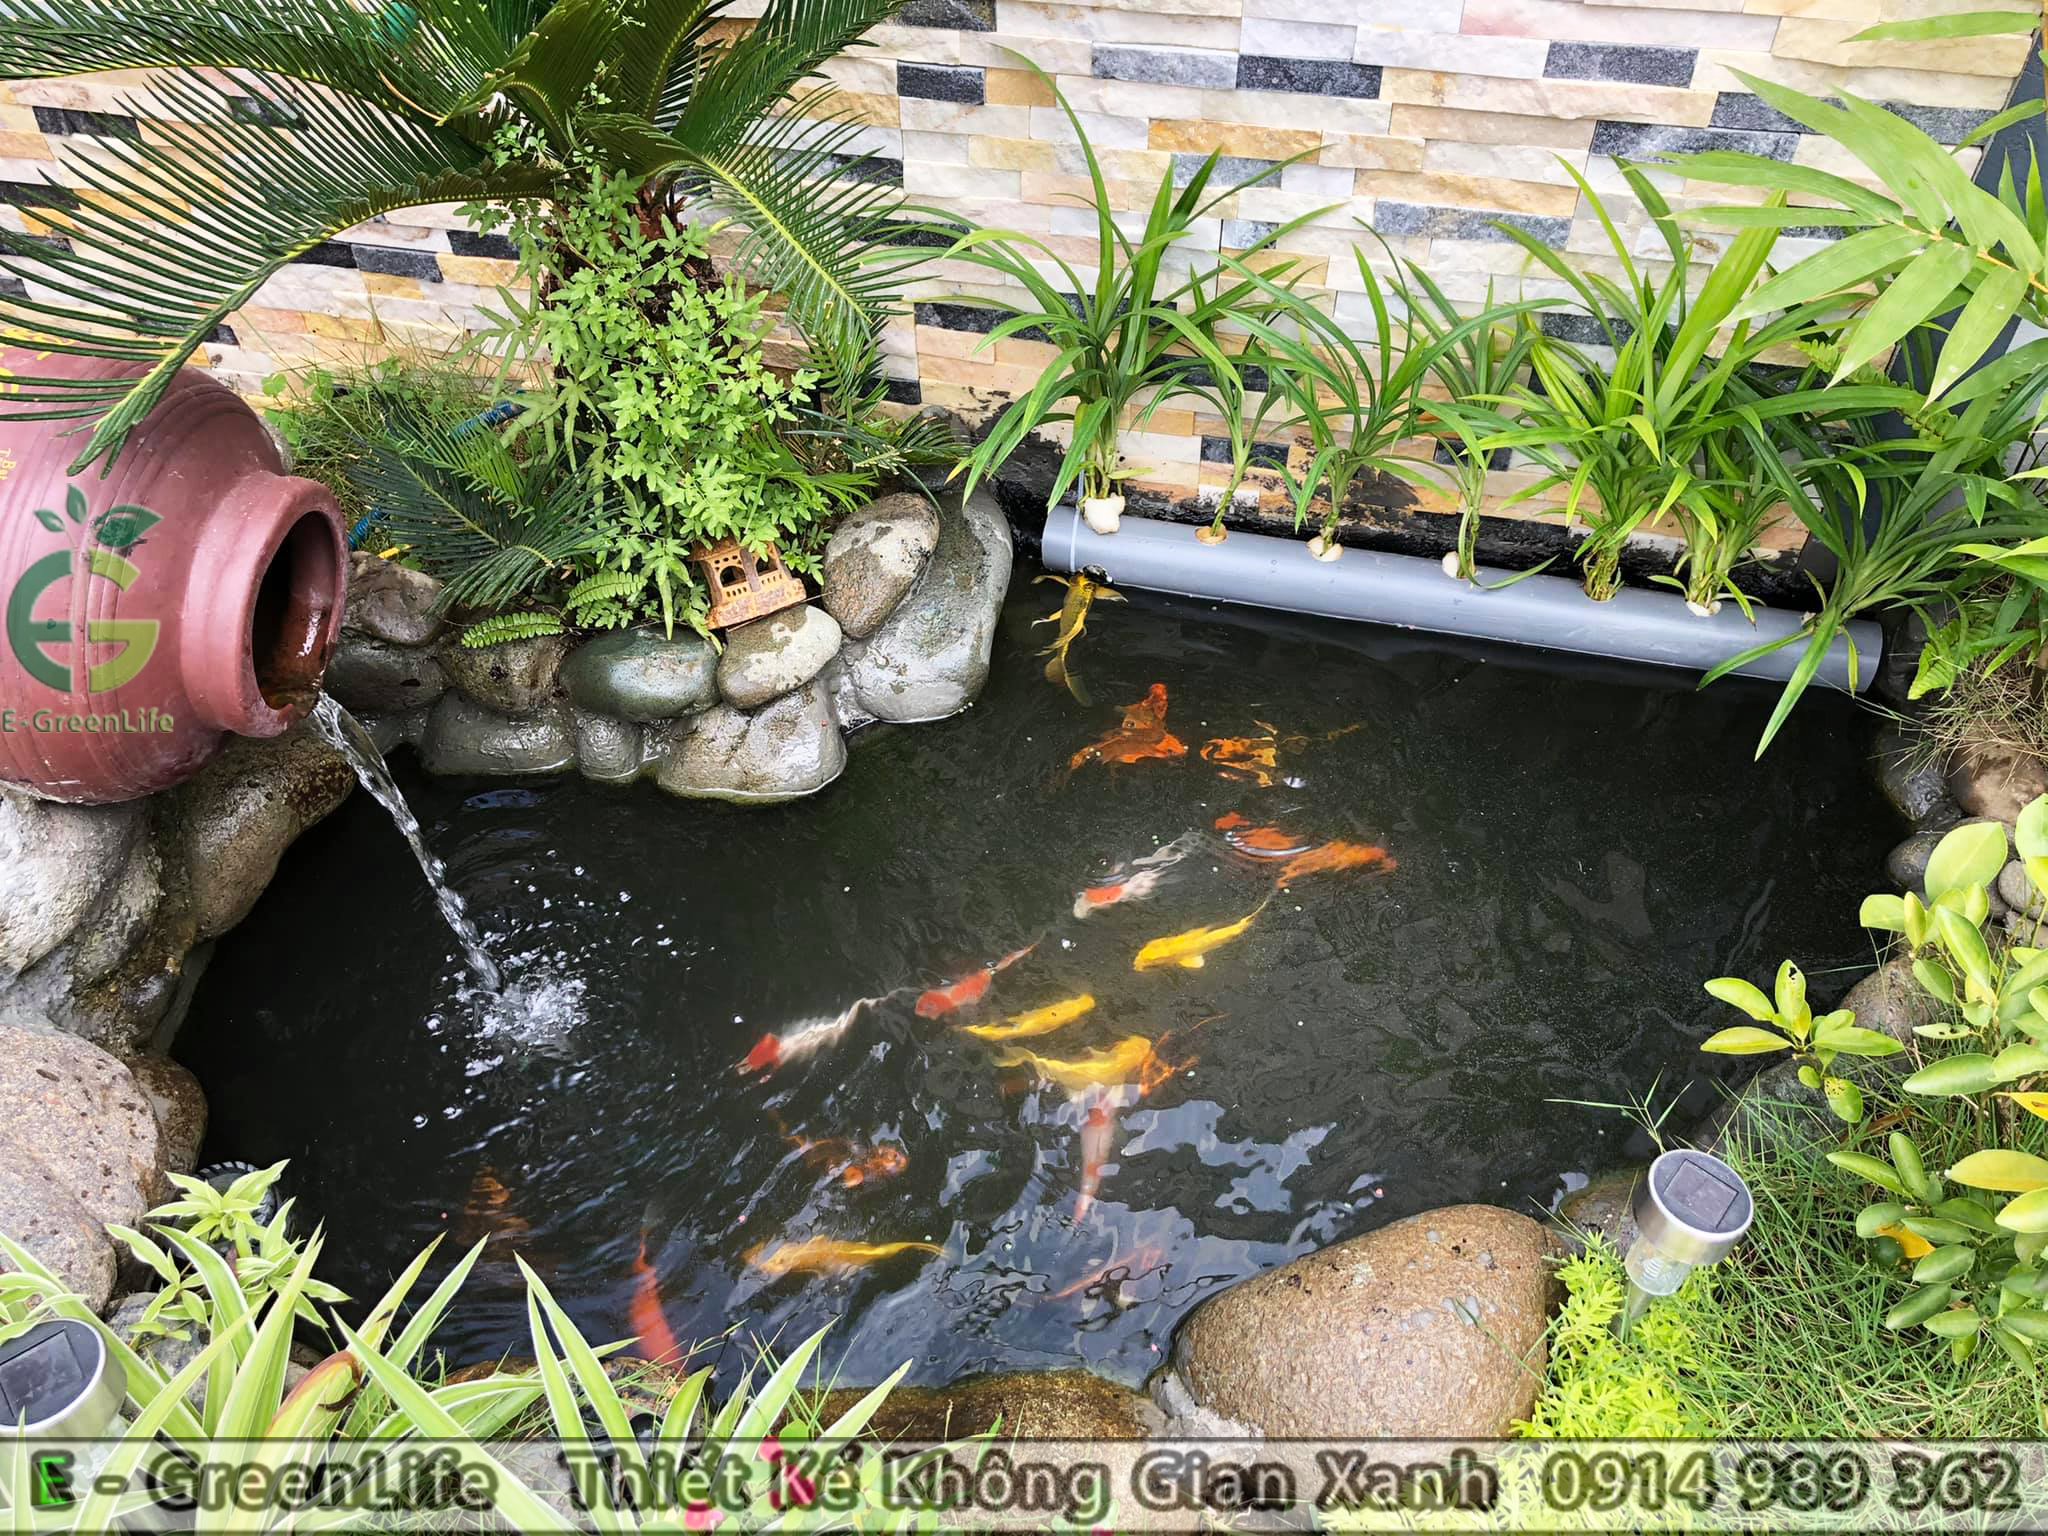 thiết kế bể cá cảnh, hồ cá koi cho sân vườn biệt thự